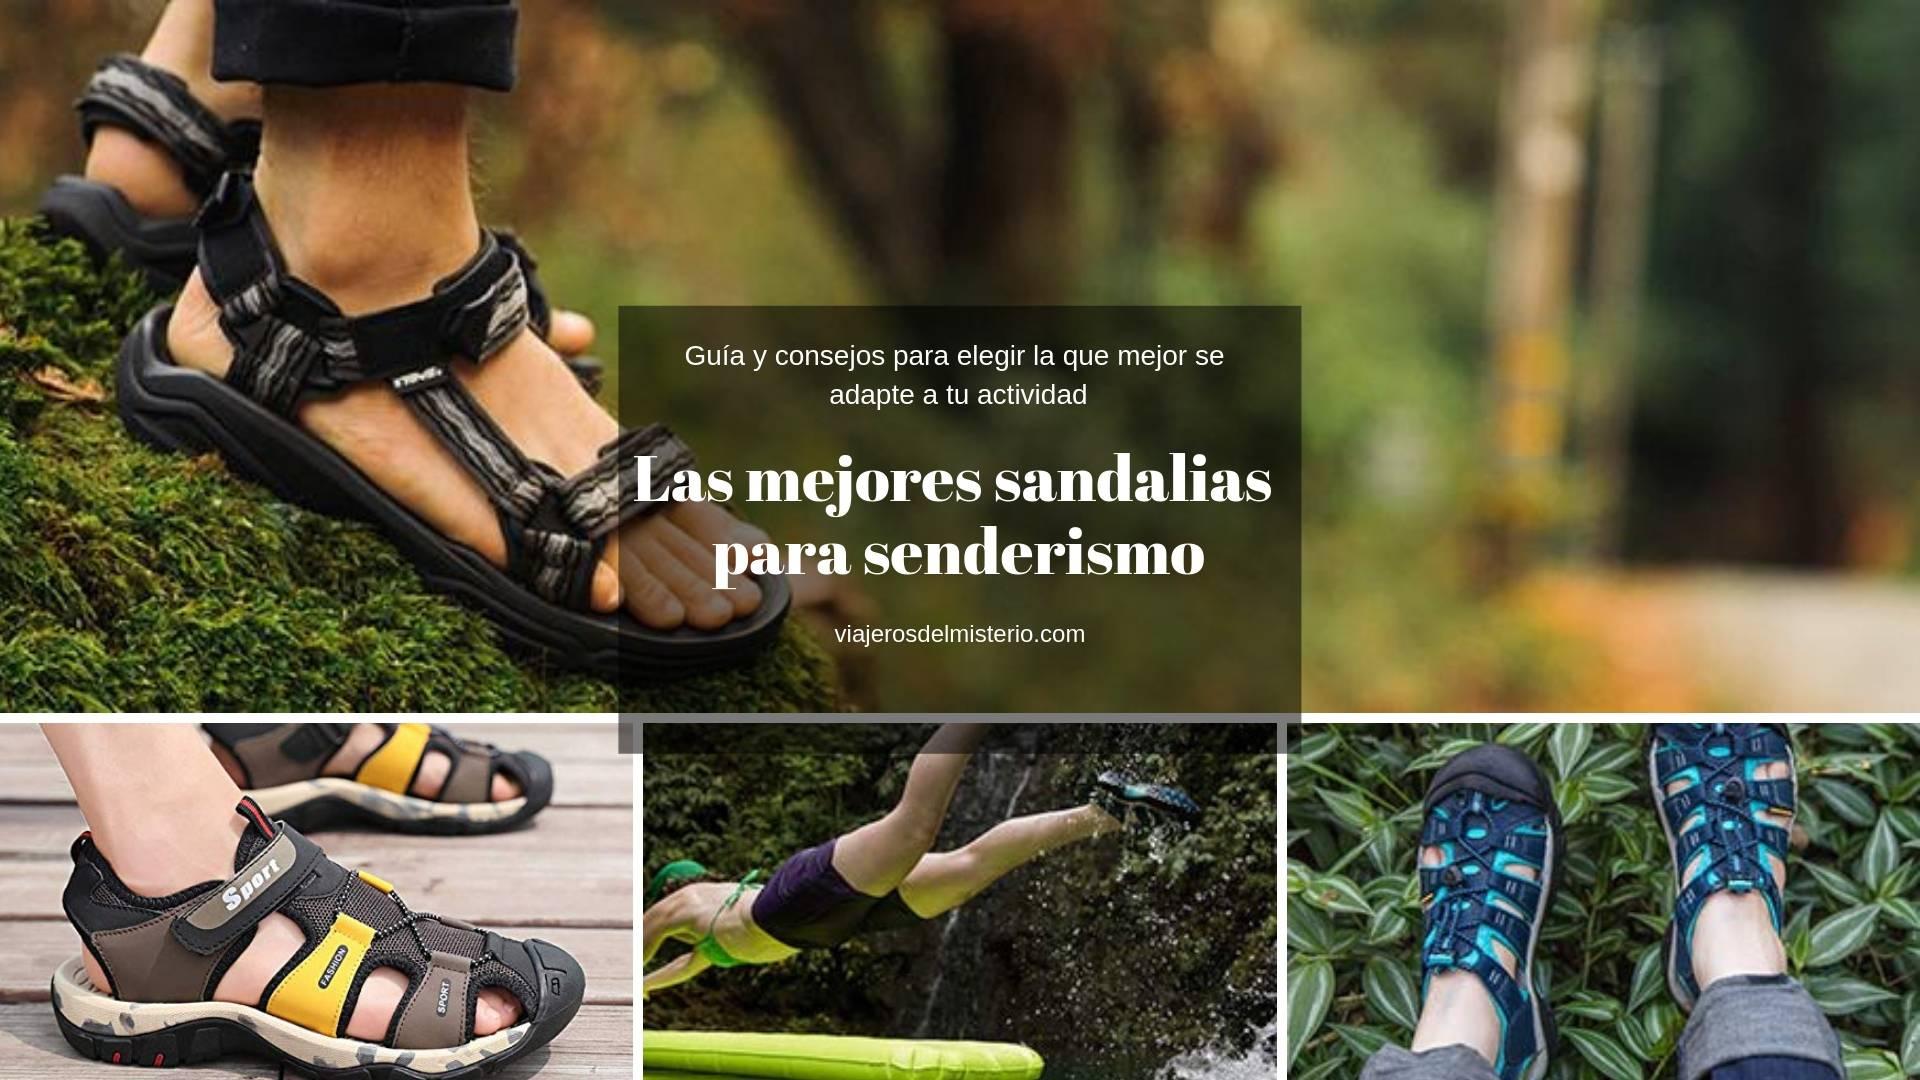 Las mejores sandalias para senderismo